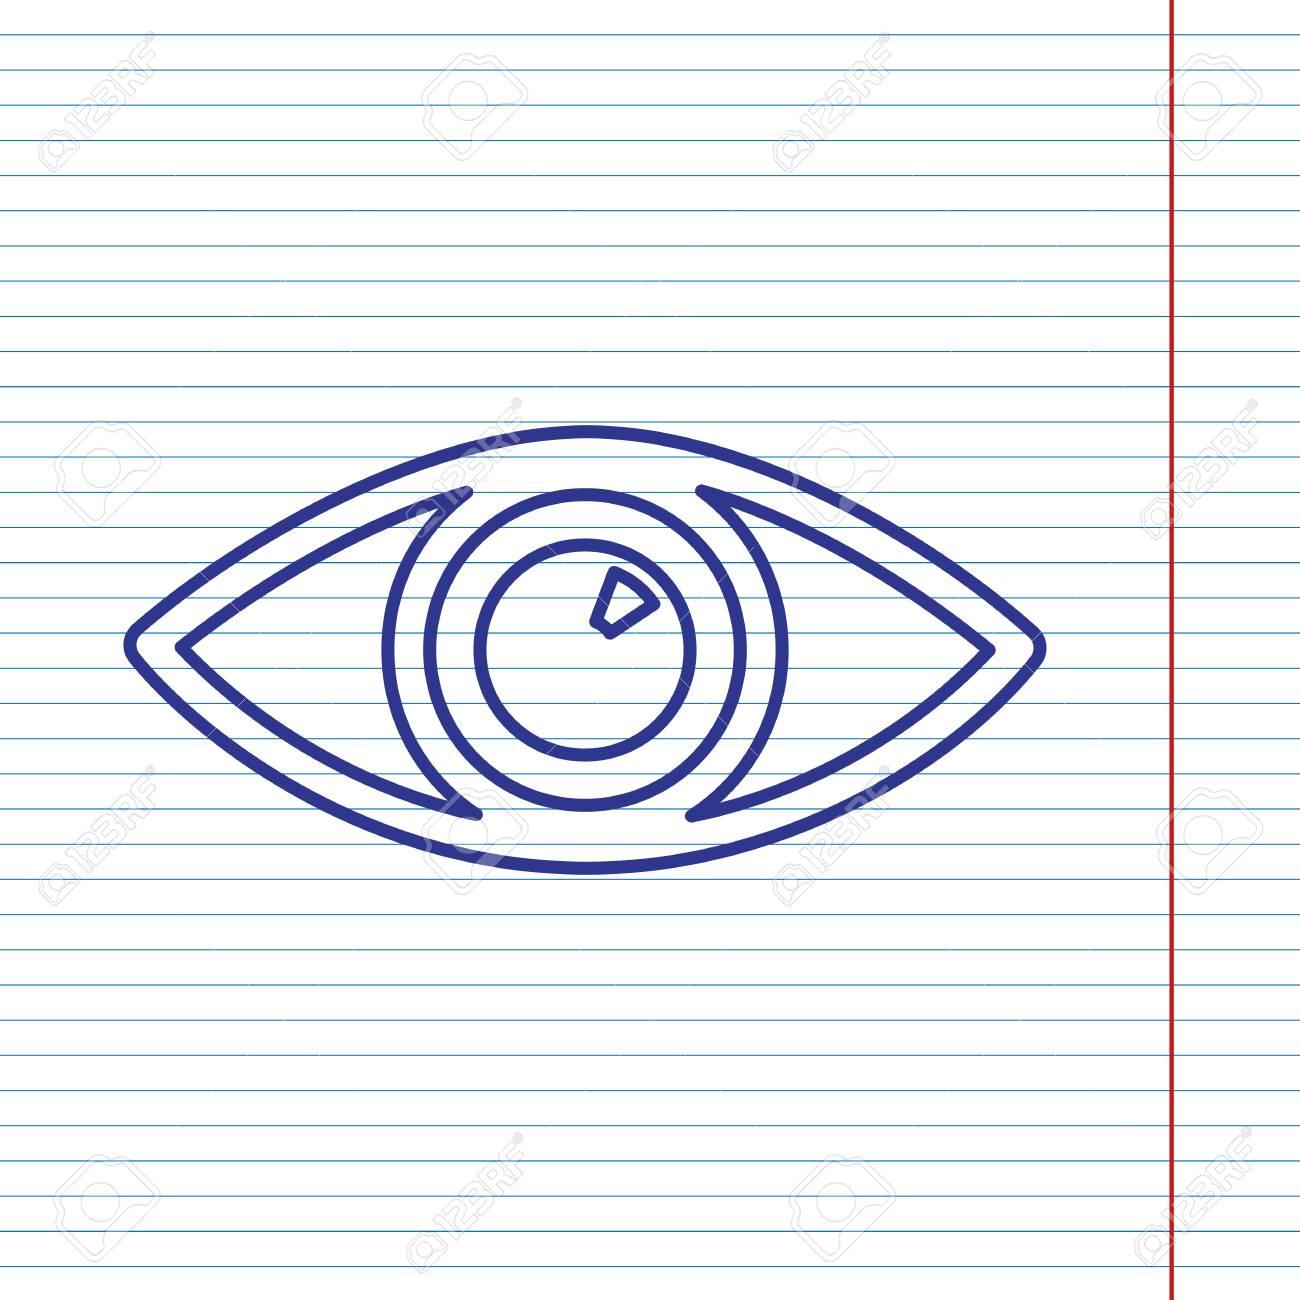 linea roja en un ojo